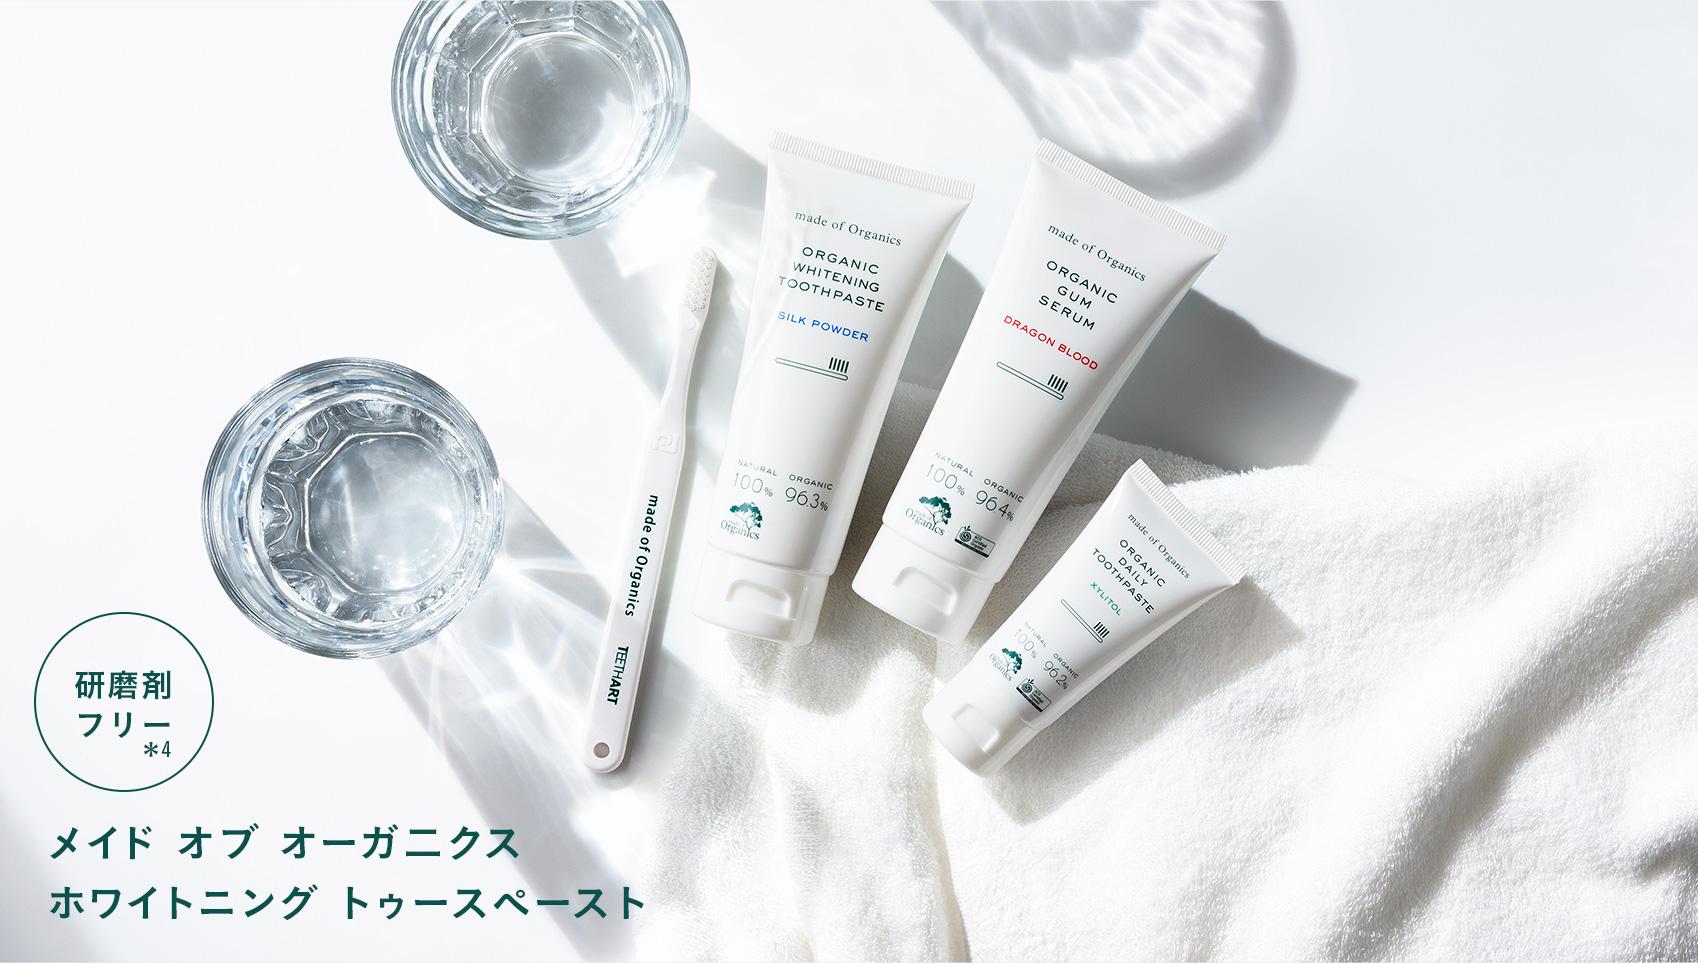 日本一*1 売れている「オーガニック ホワイトニング*2 歯磨き粉」が特許*3 を取得してフルリニューアル